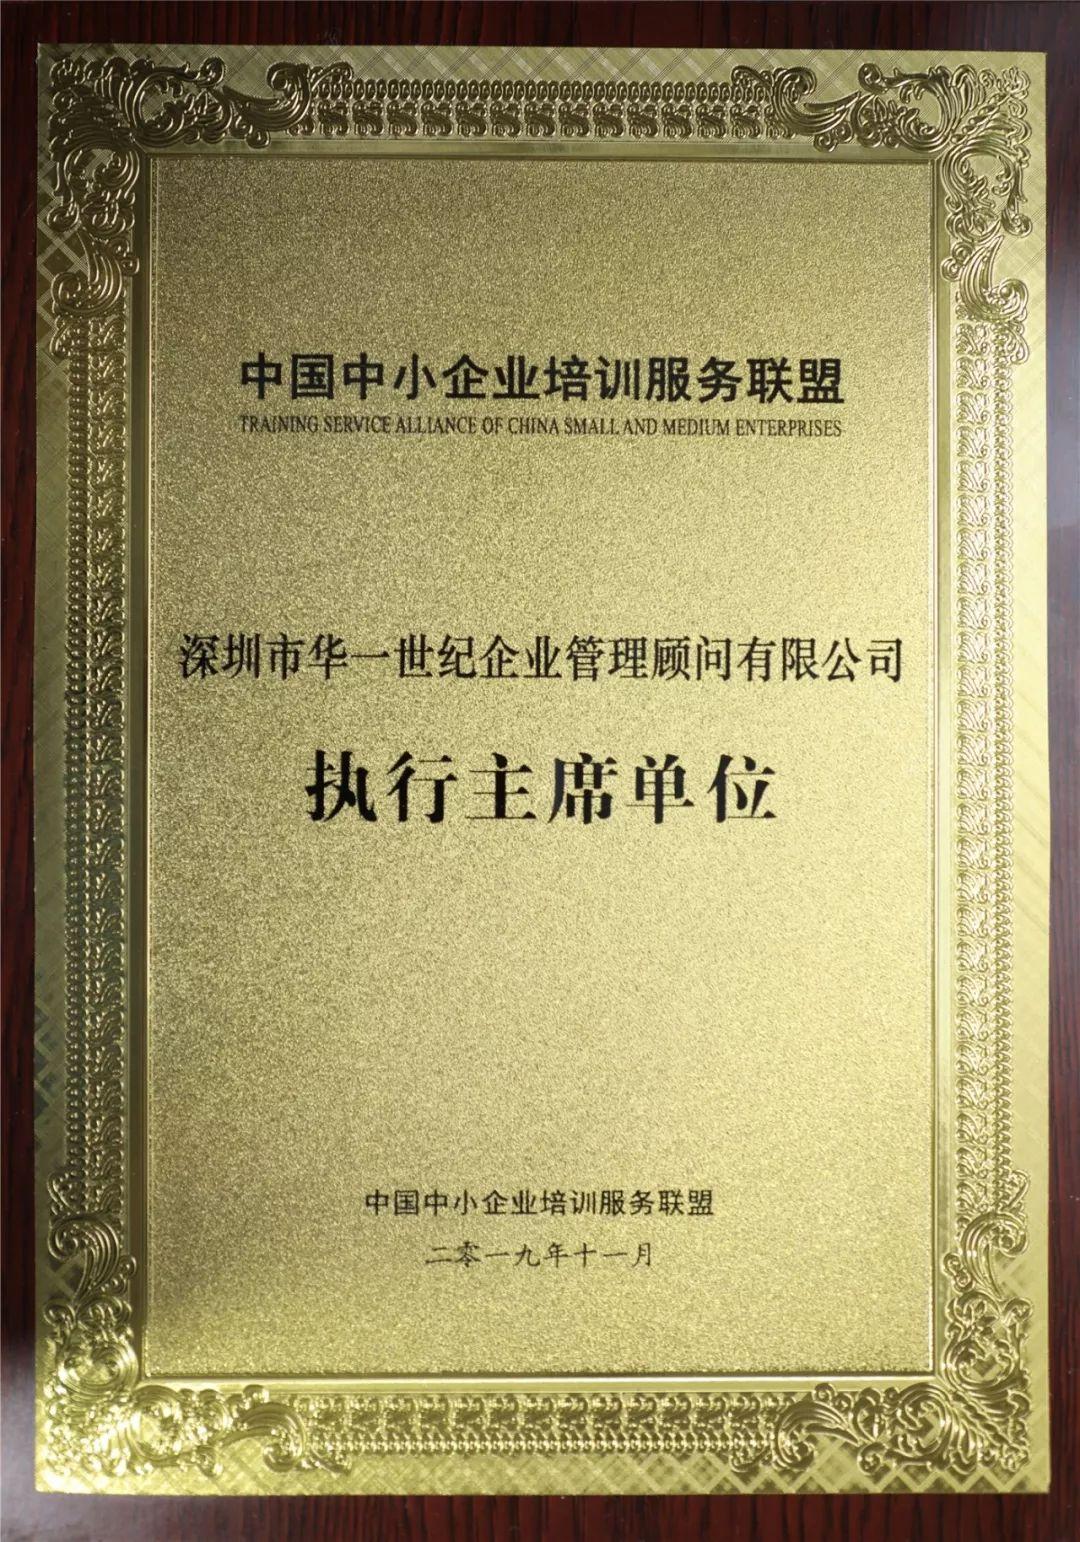 中国中小企业培训服务联盟实行主席单位证书